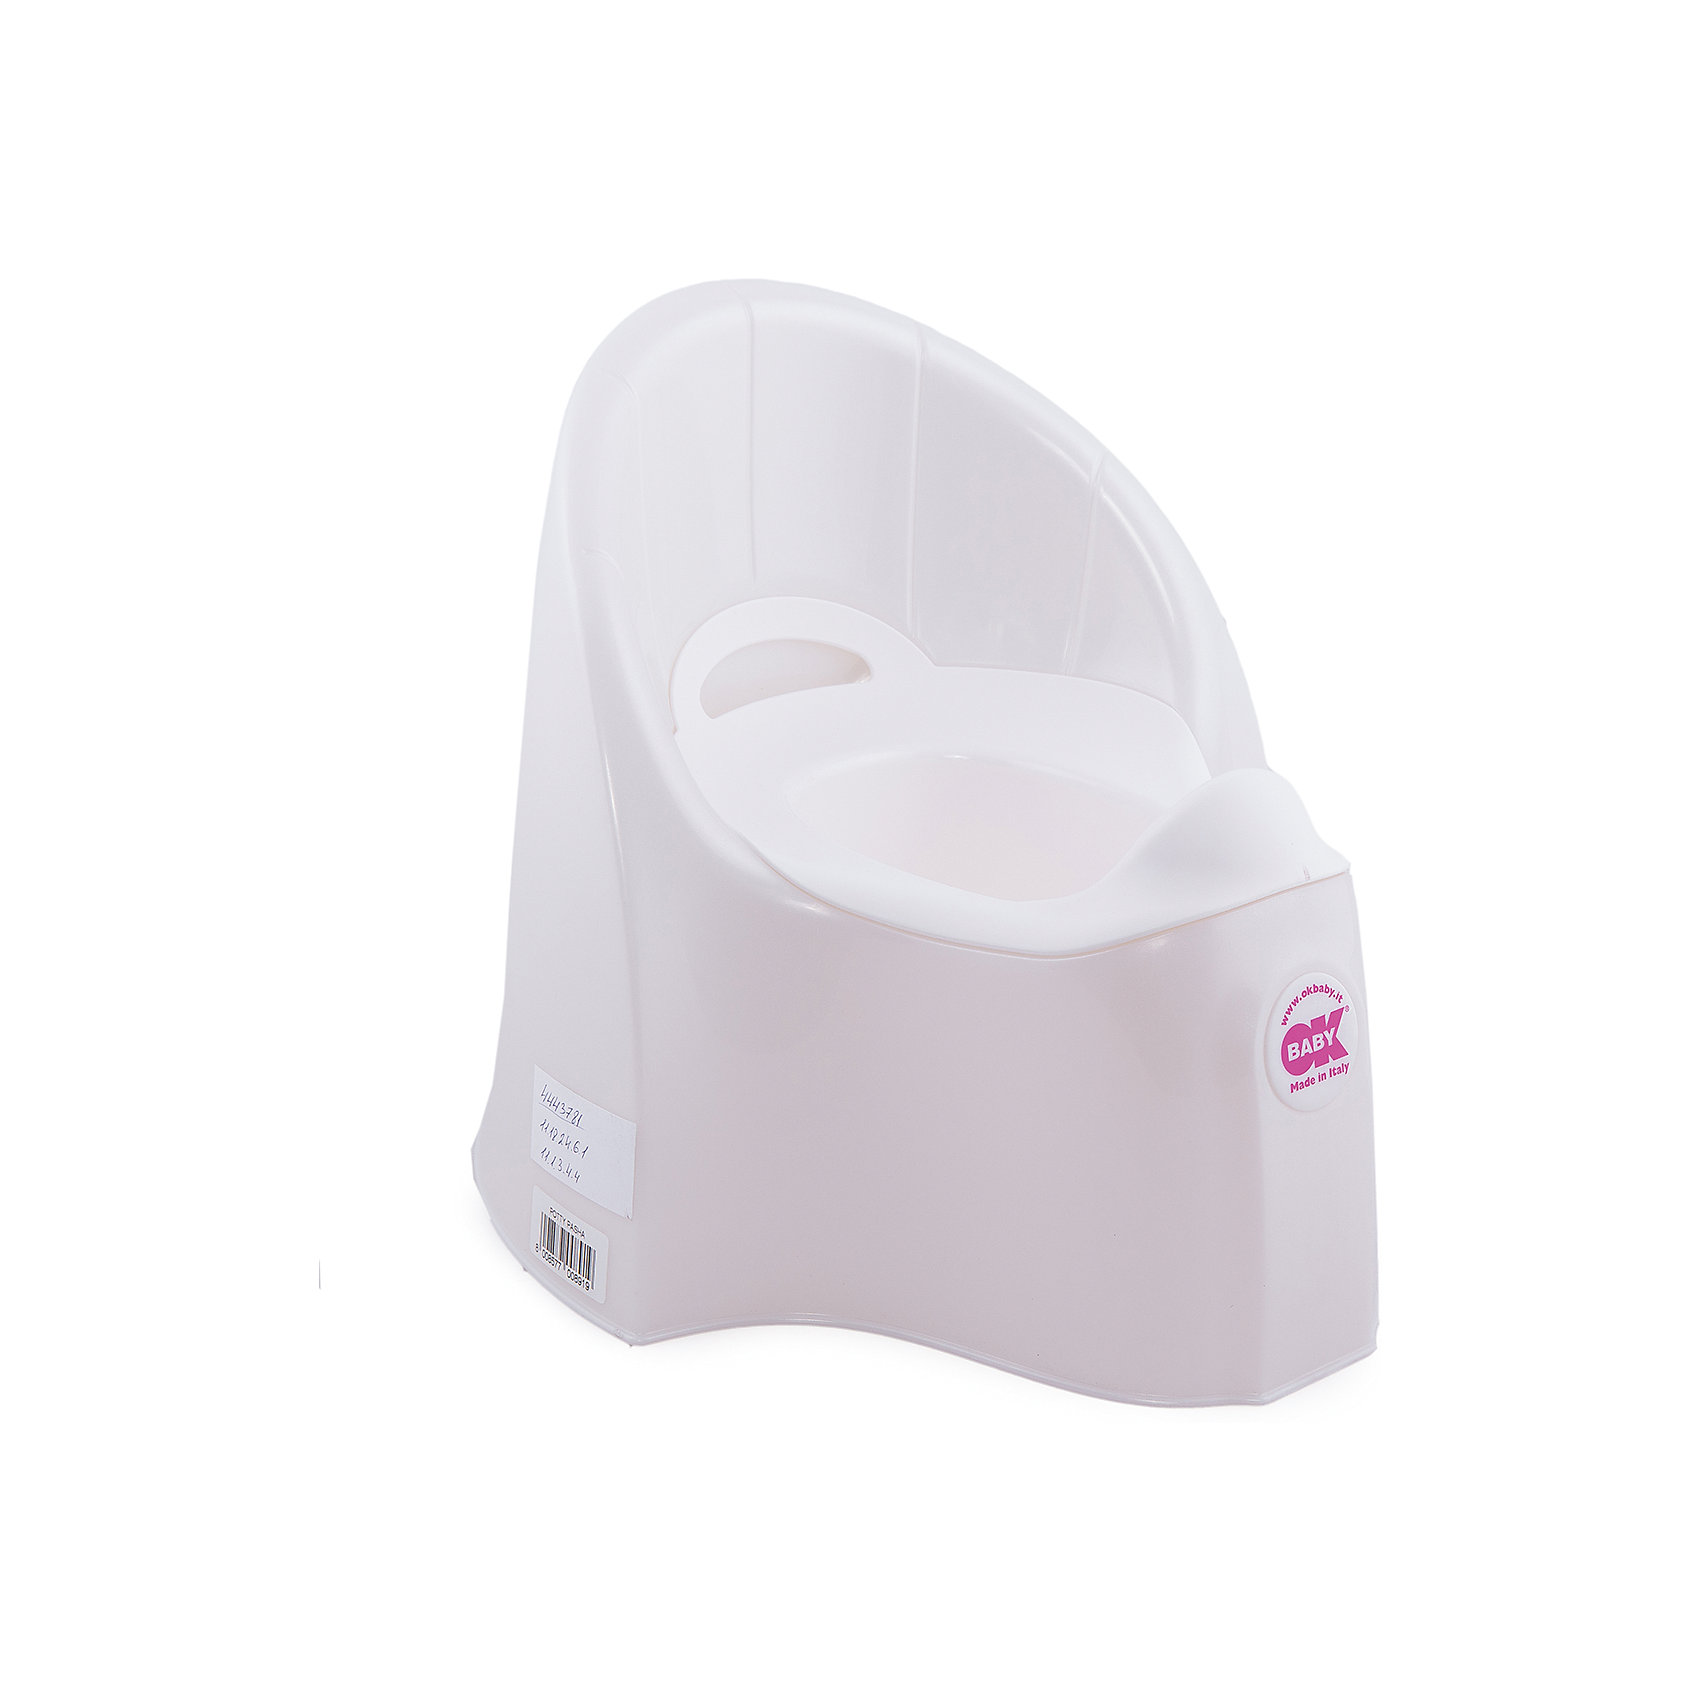 Горшок Pasha, Ok Baby, белыйГоршок имеет анатомическое сиденье и съемную емкость для удобной очистки. Яркий горшок со спинкой обязательно понравится ребенку и обеспечит ему максимальный комфорт, что является важным фактором в приучении ребенка к туалету. Изделие выполнено из высококачественного прочного пластика, для большей устойчивости оснащено антискользящей накладкой внизу.  <br><br>Дополнительная информация:<br><br>- Материал: пластик.<br>- Размер: 33,5 x 36,5 x 31 см.<br>- Съемная ёмкость.<br>- Удобная спинка.<br><br>Горшок Pasha, Ok Baby, белый, можно купить в нашем магазине.<br><br>Ширина мм: 365<br>Глубина мм: 335<br>Высота мм: 310<br>Вес г: 2500<br>Возраст от месяцев: 6<br>Возраст до месяцев: 36<br>Пол: Унисекс<br>Возраст: Детский<br>SKU: 4443781